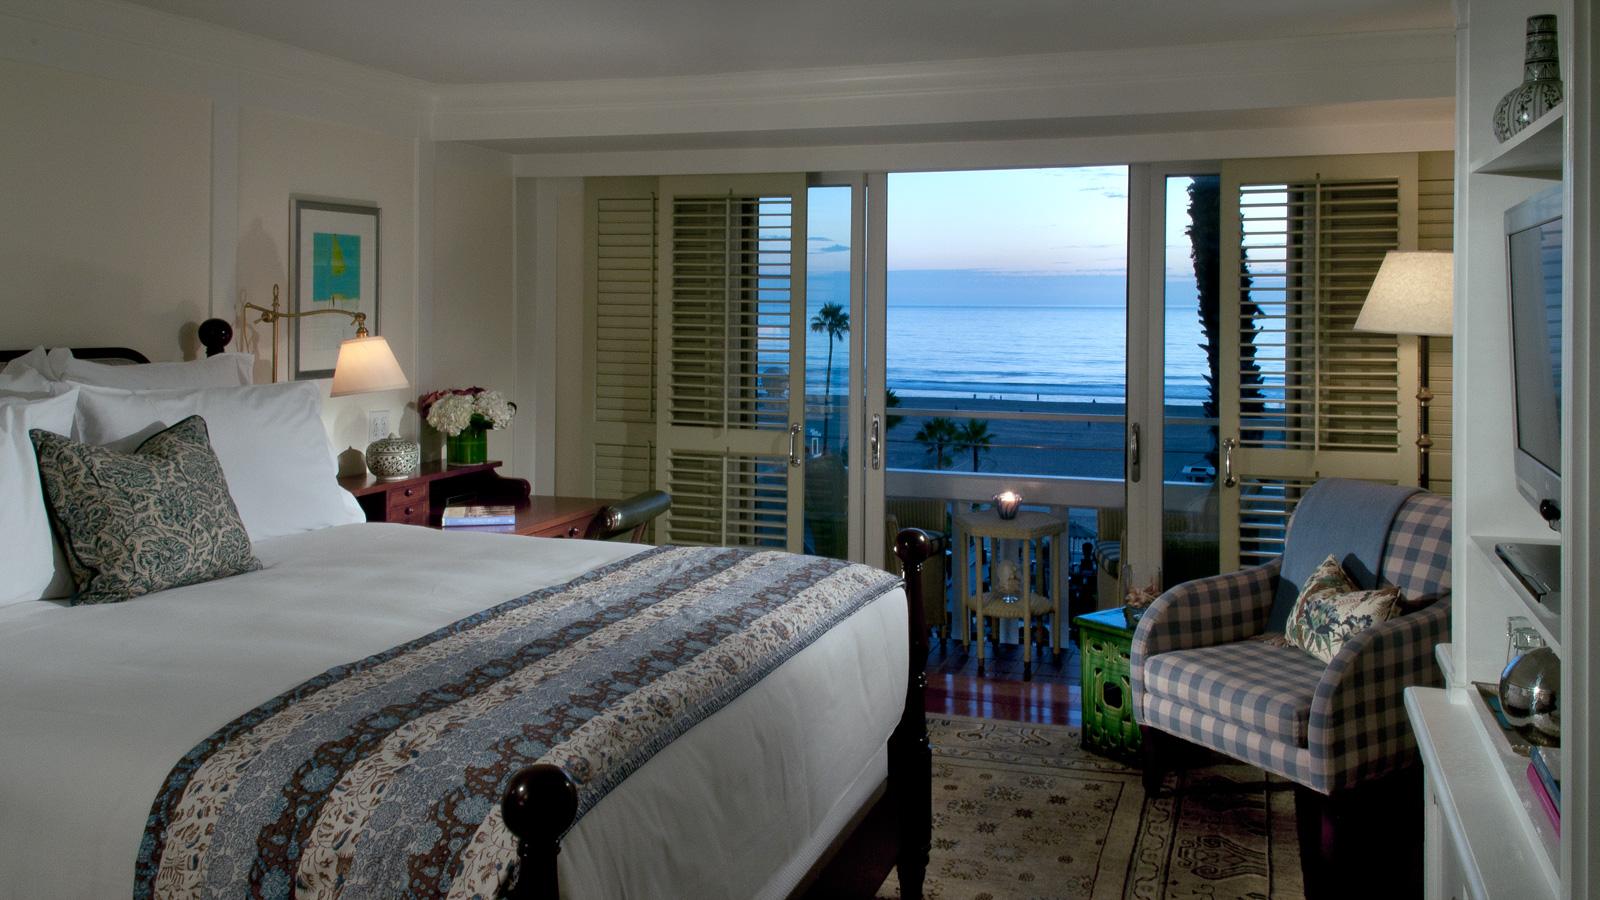 2013-08-27-shutters_guest_room_ocean_view.jpg